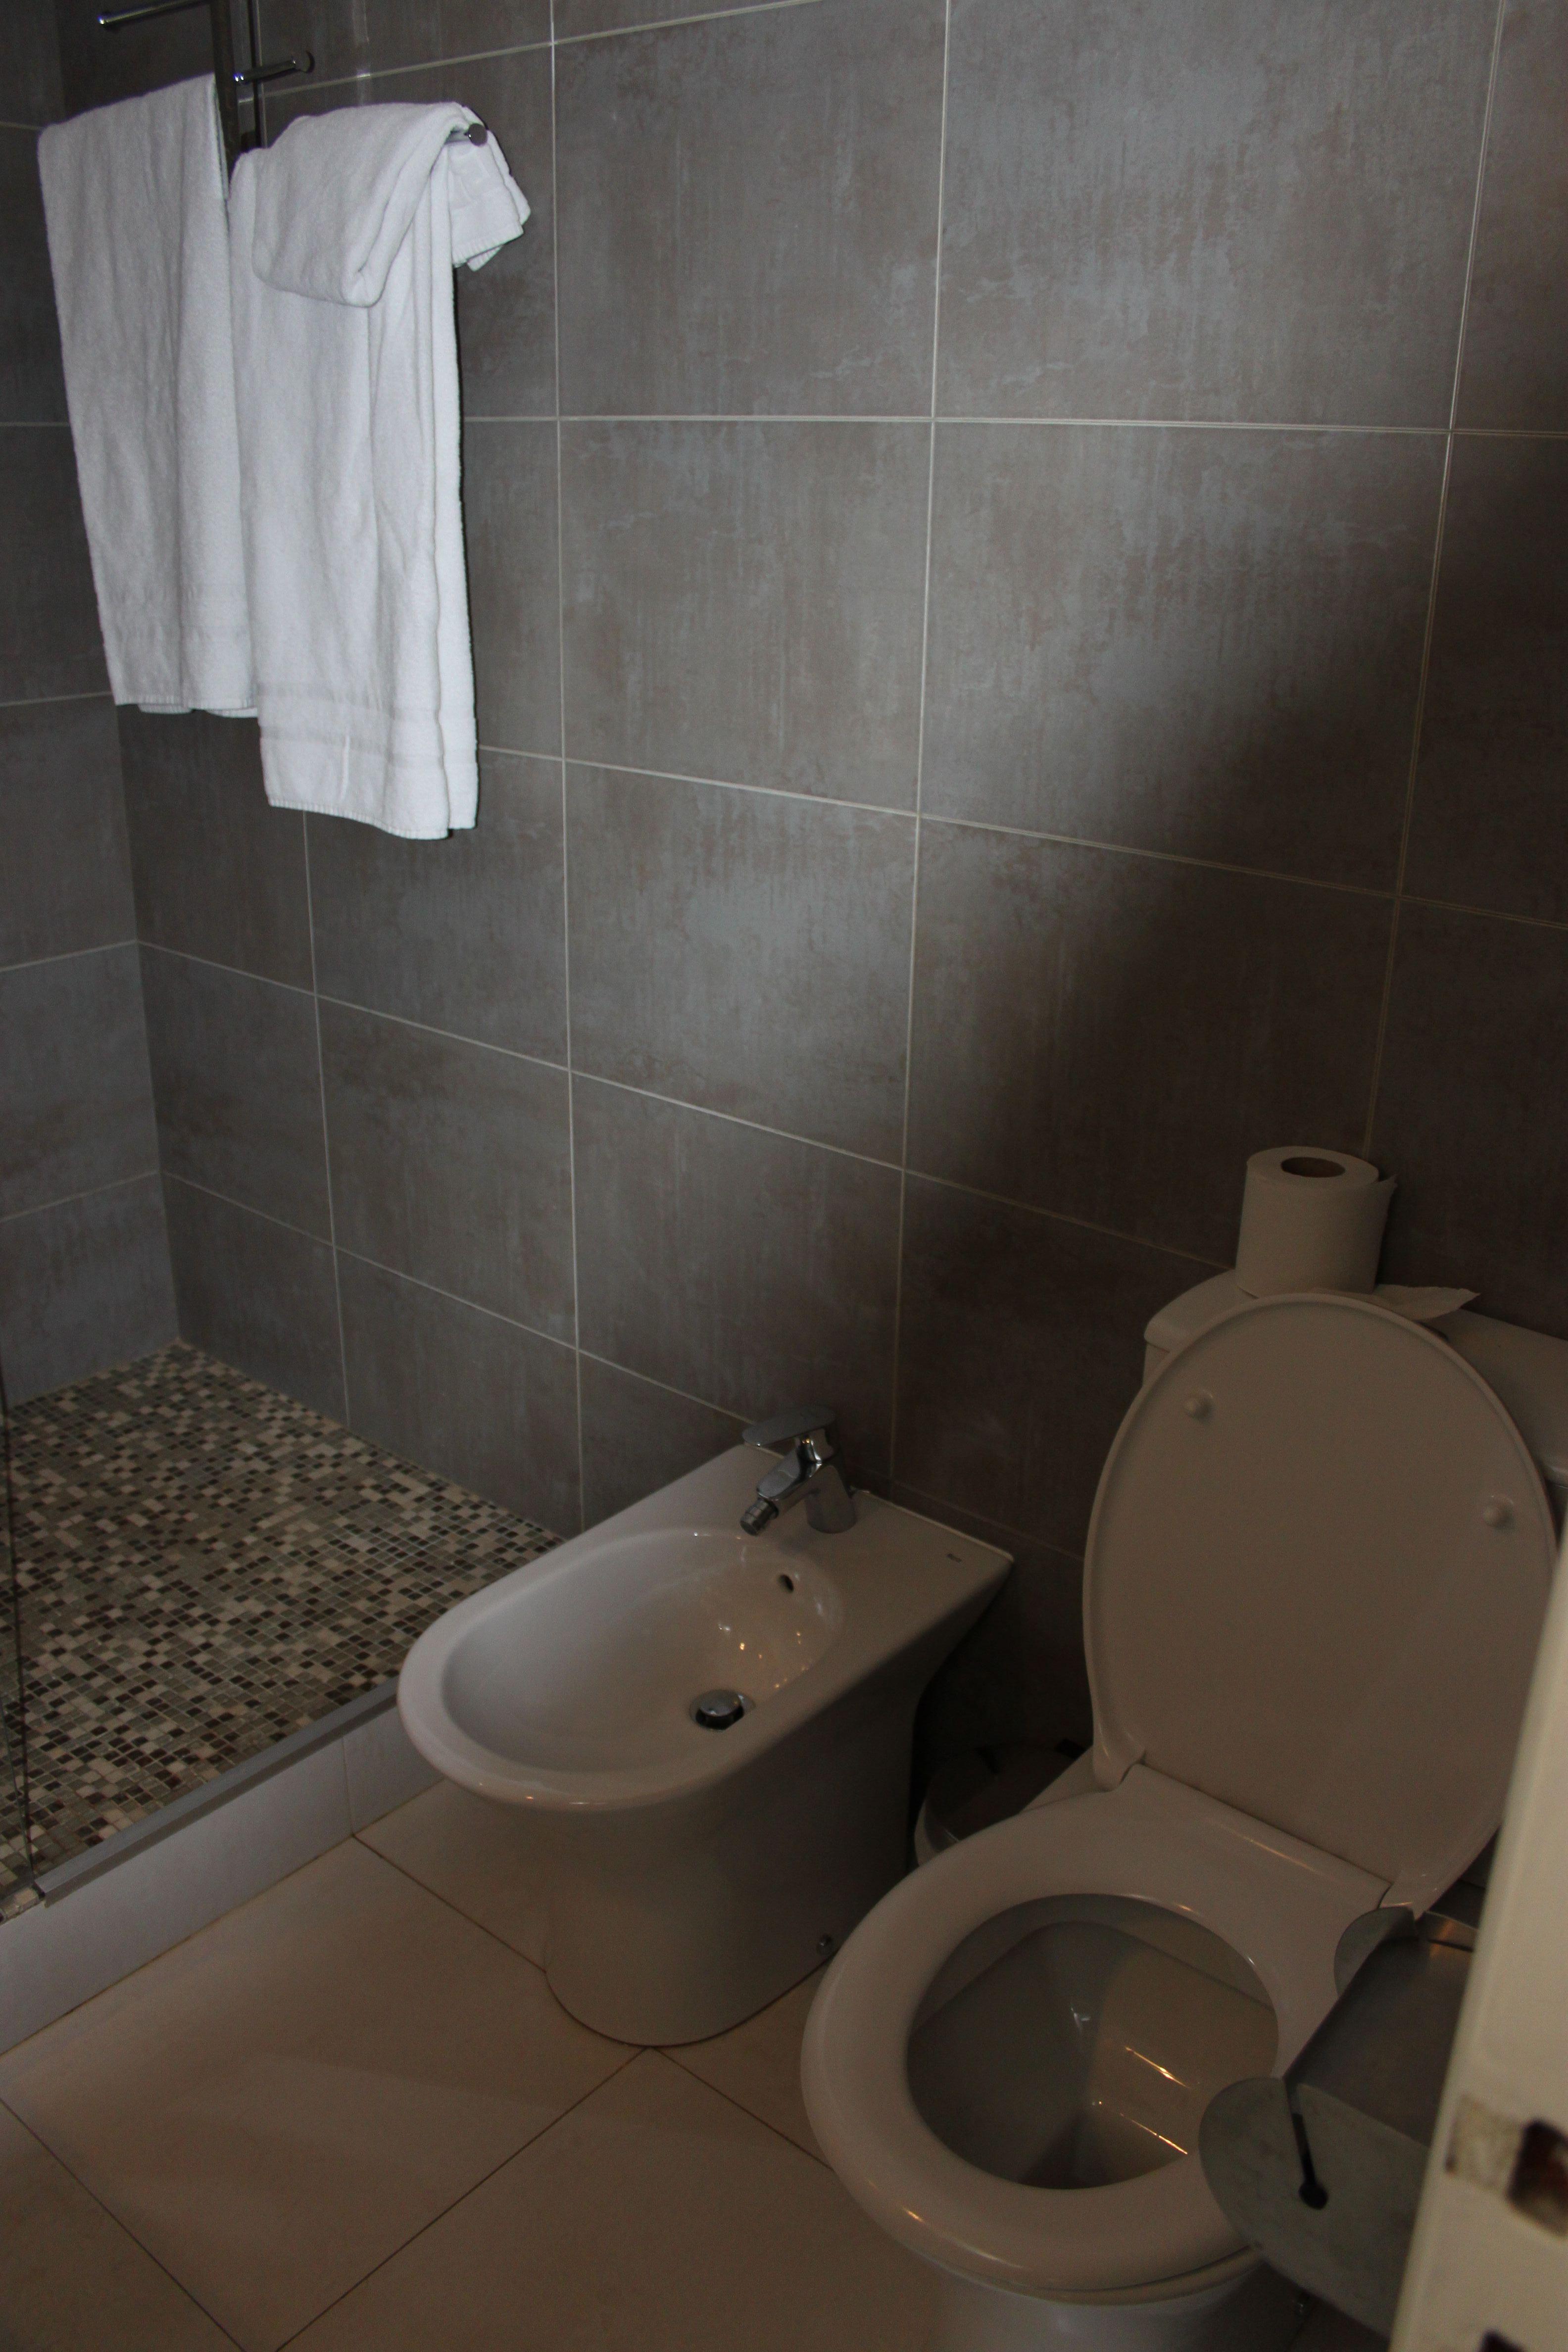 bagno stanza 5 hotel Carolina a Cannes di #viaggiareapois